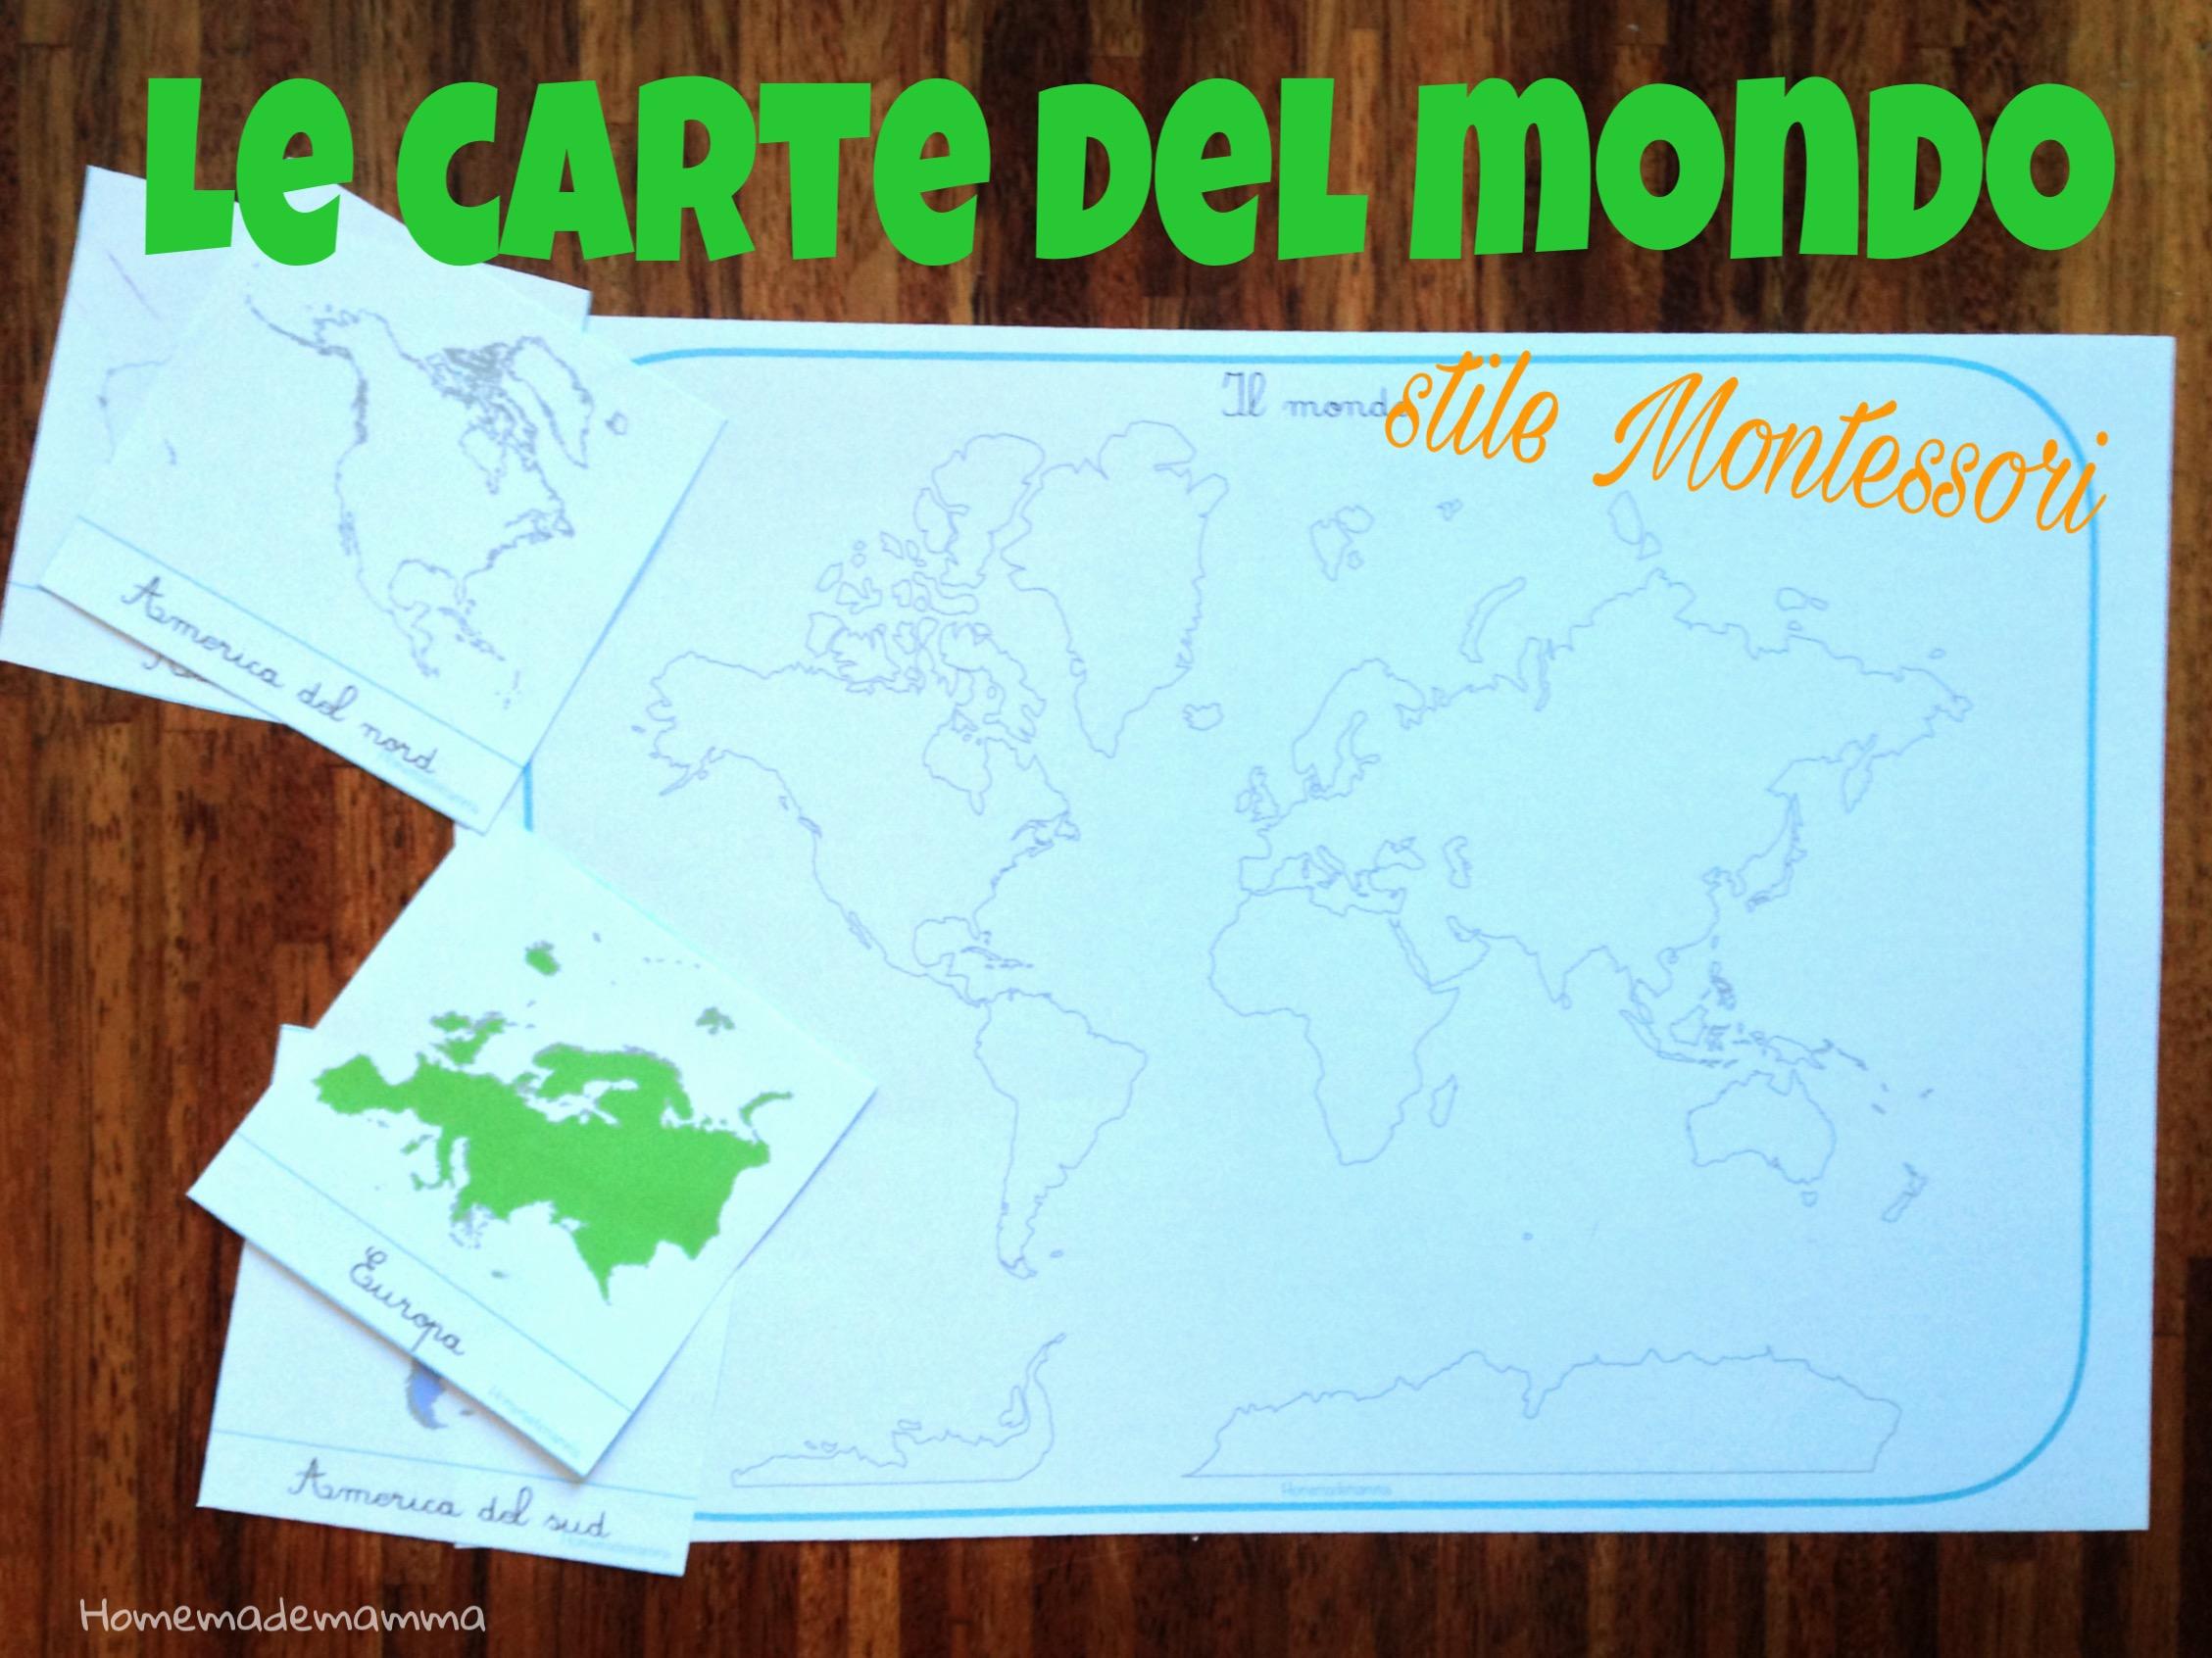 carte geografia montessori da stampare